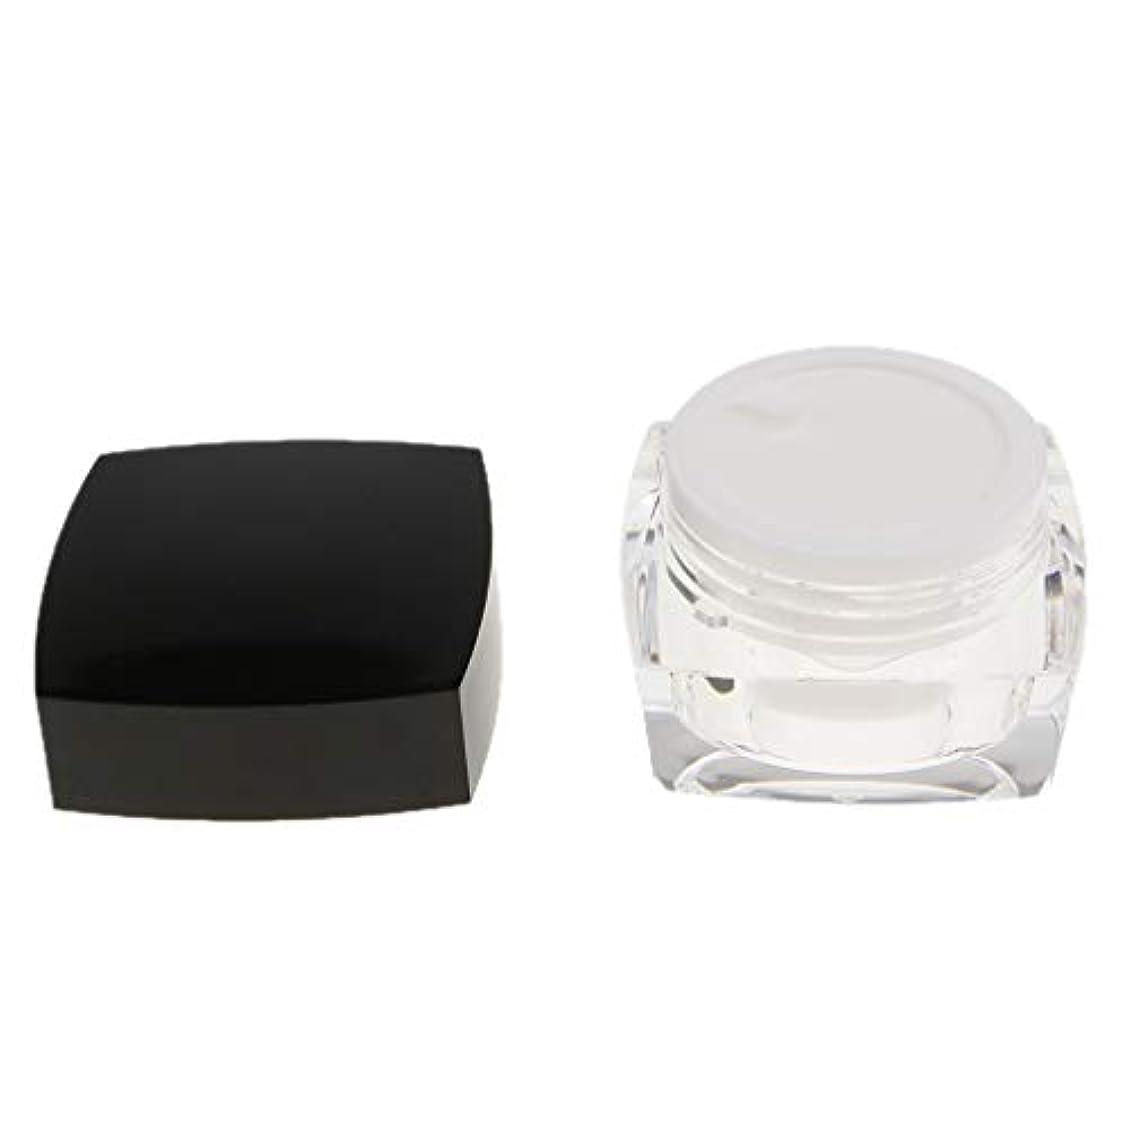 割る効果鹿化粧品容器 プロ 容器 メイクアップ クリームジャー 瓶 小分けツール 2サイズ選べ - 30g